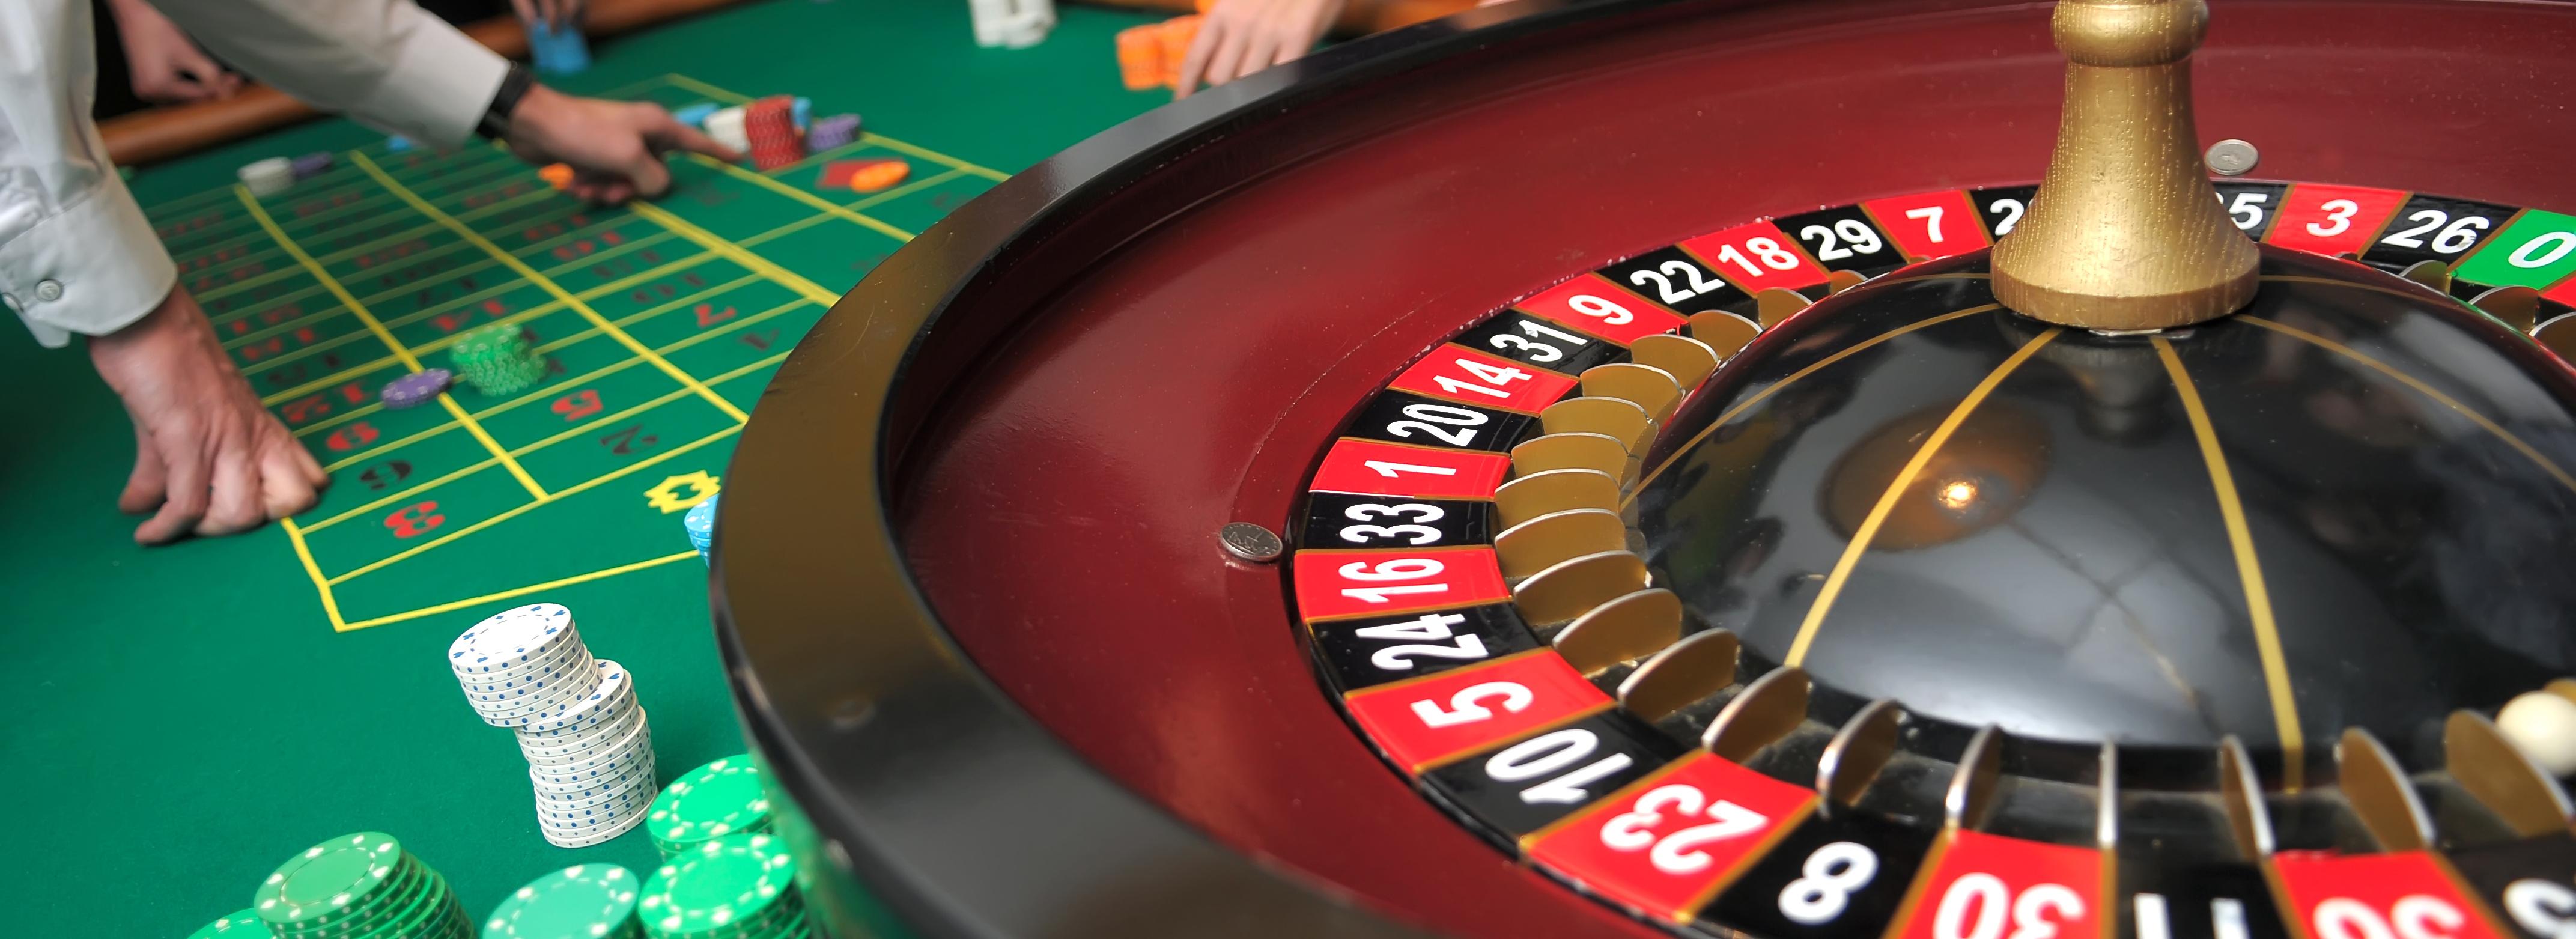 игра карты деньги